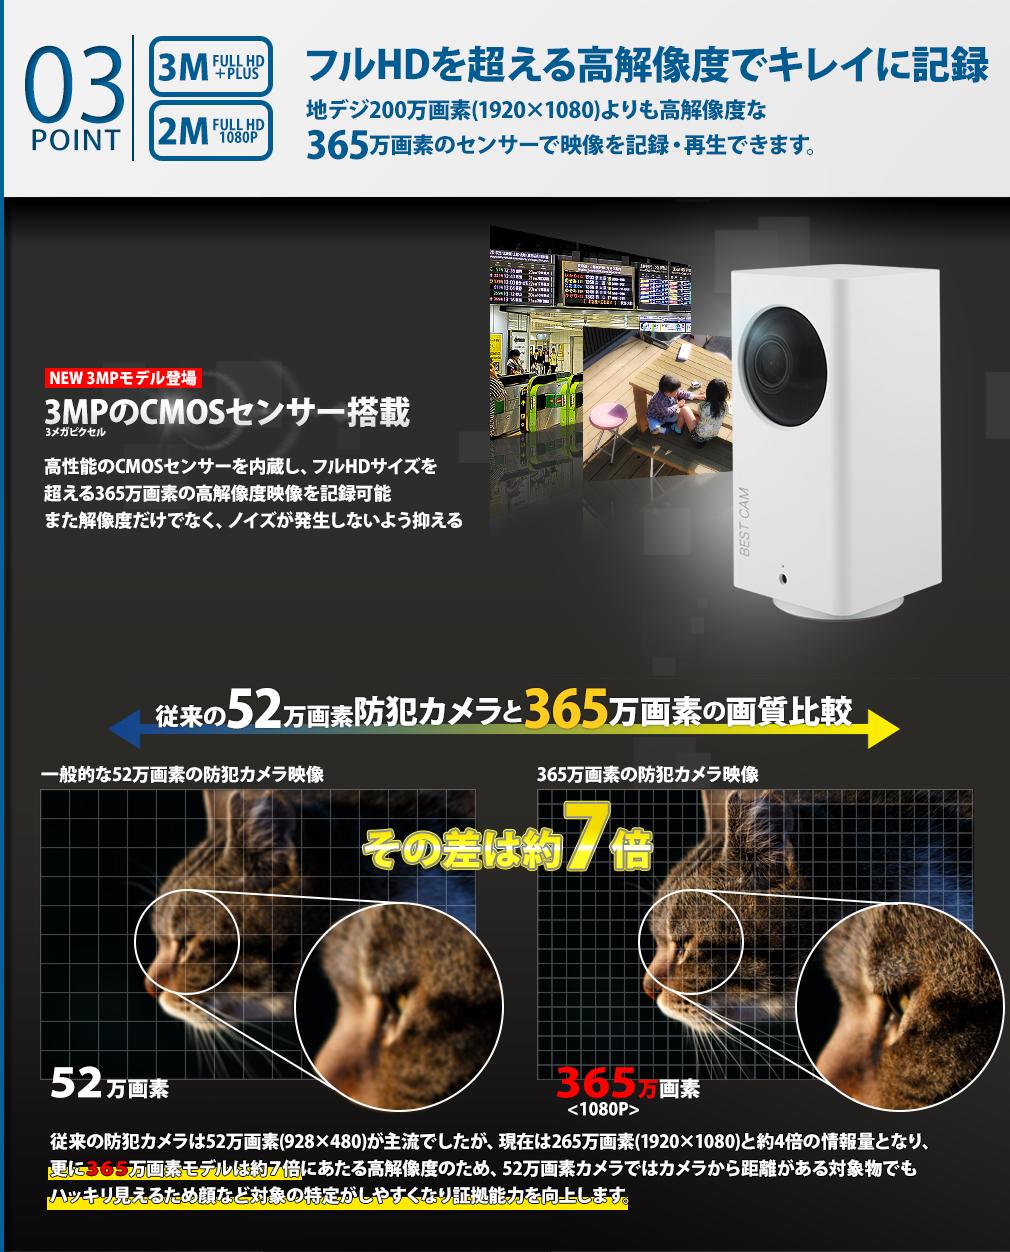 防犯カメラ WIFI 無料クラウド 自動追跡カメラ みてるちゃん ペットカメラ ベビーカメラ 動く対象物を 360度自動で追いかけ スマホで遠隔監視